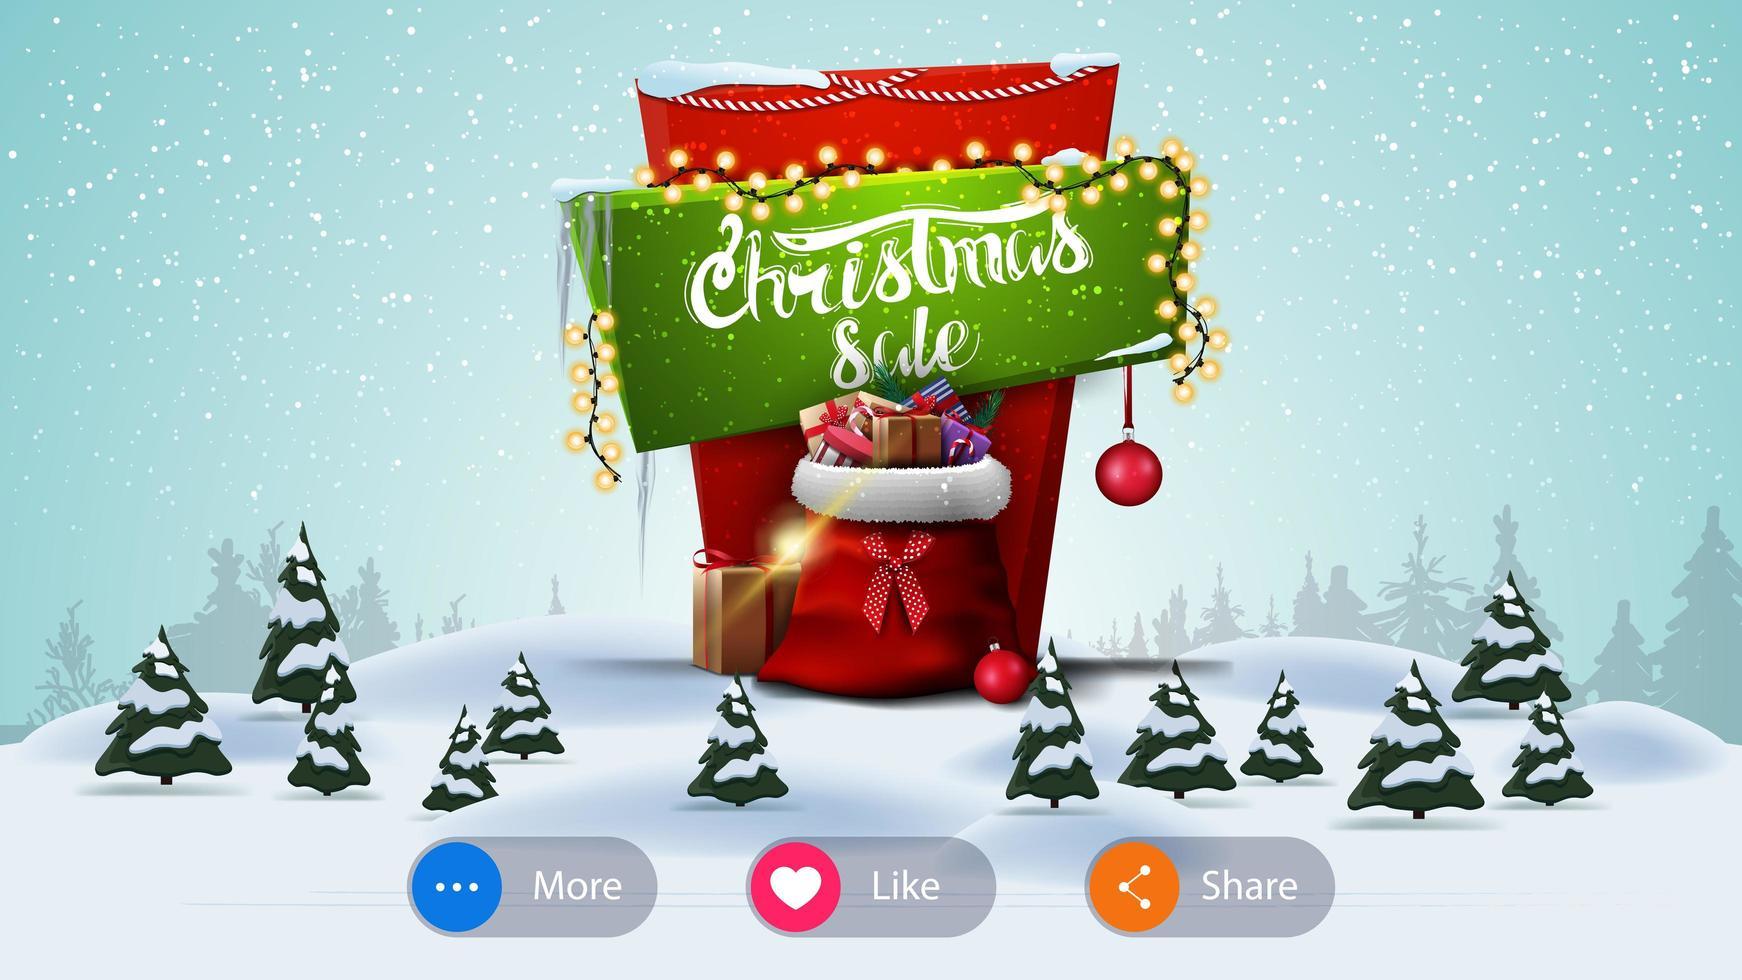 Venta de Navidad, banner para sitio web con botones y paisaje de invierno de dibujos animados vector